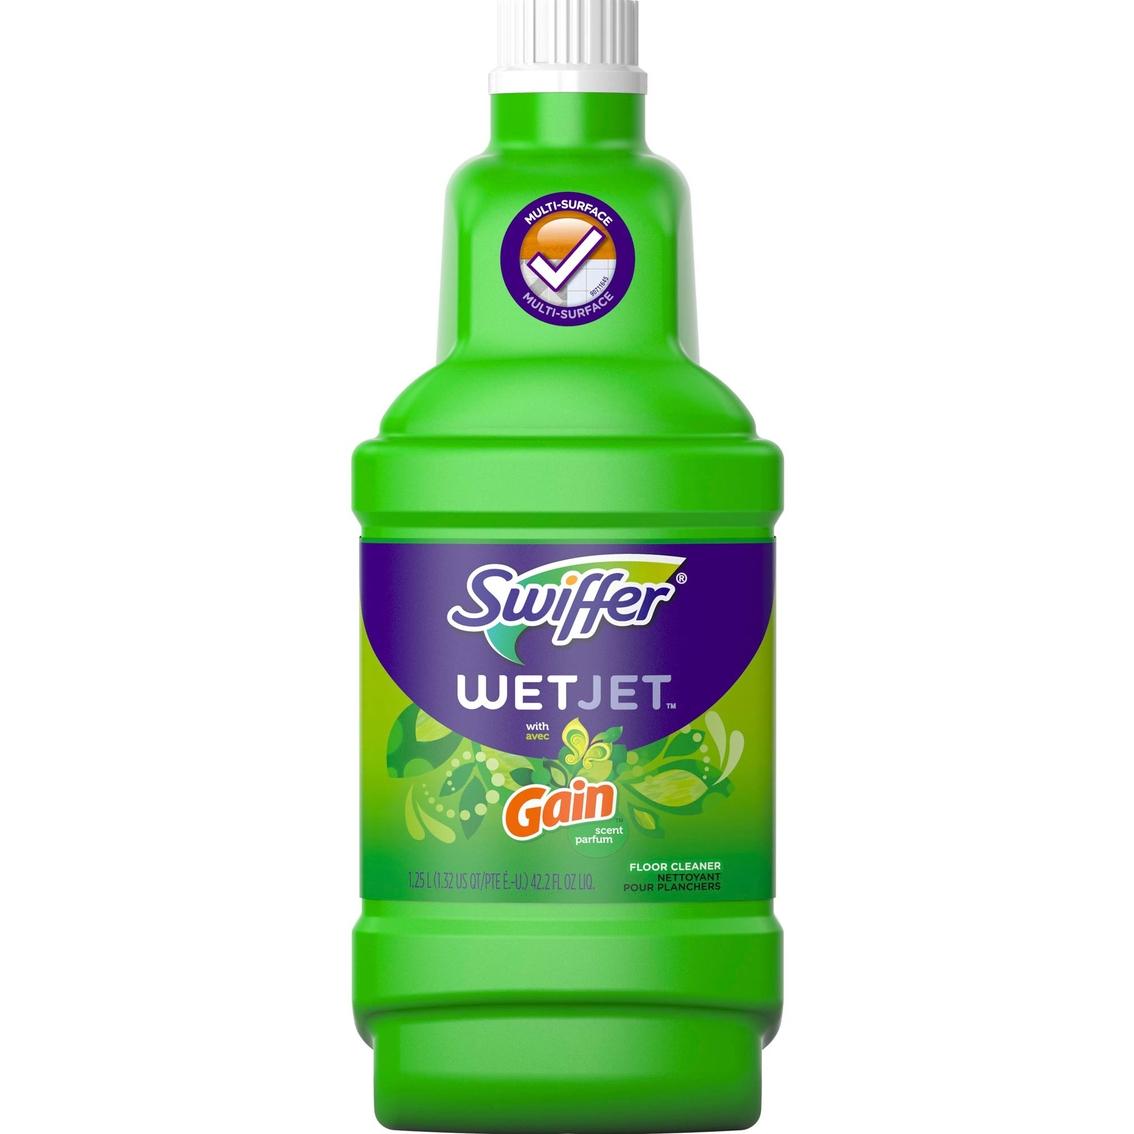 Swiffer Wetjet Gain Original Scent Multi Purpose Cleaner